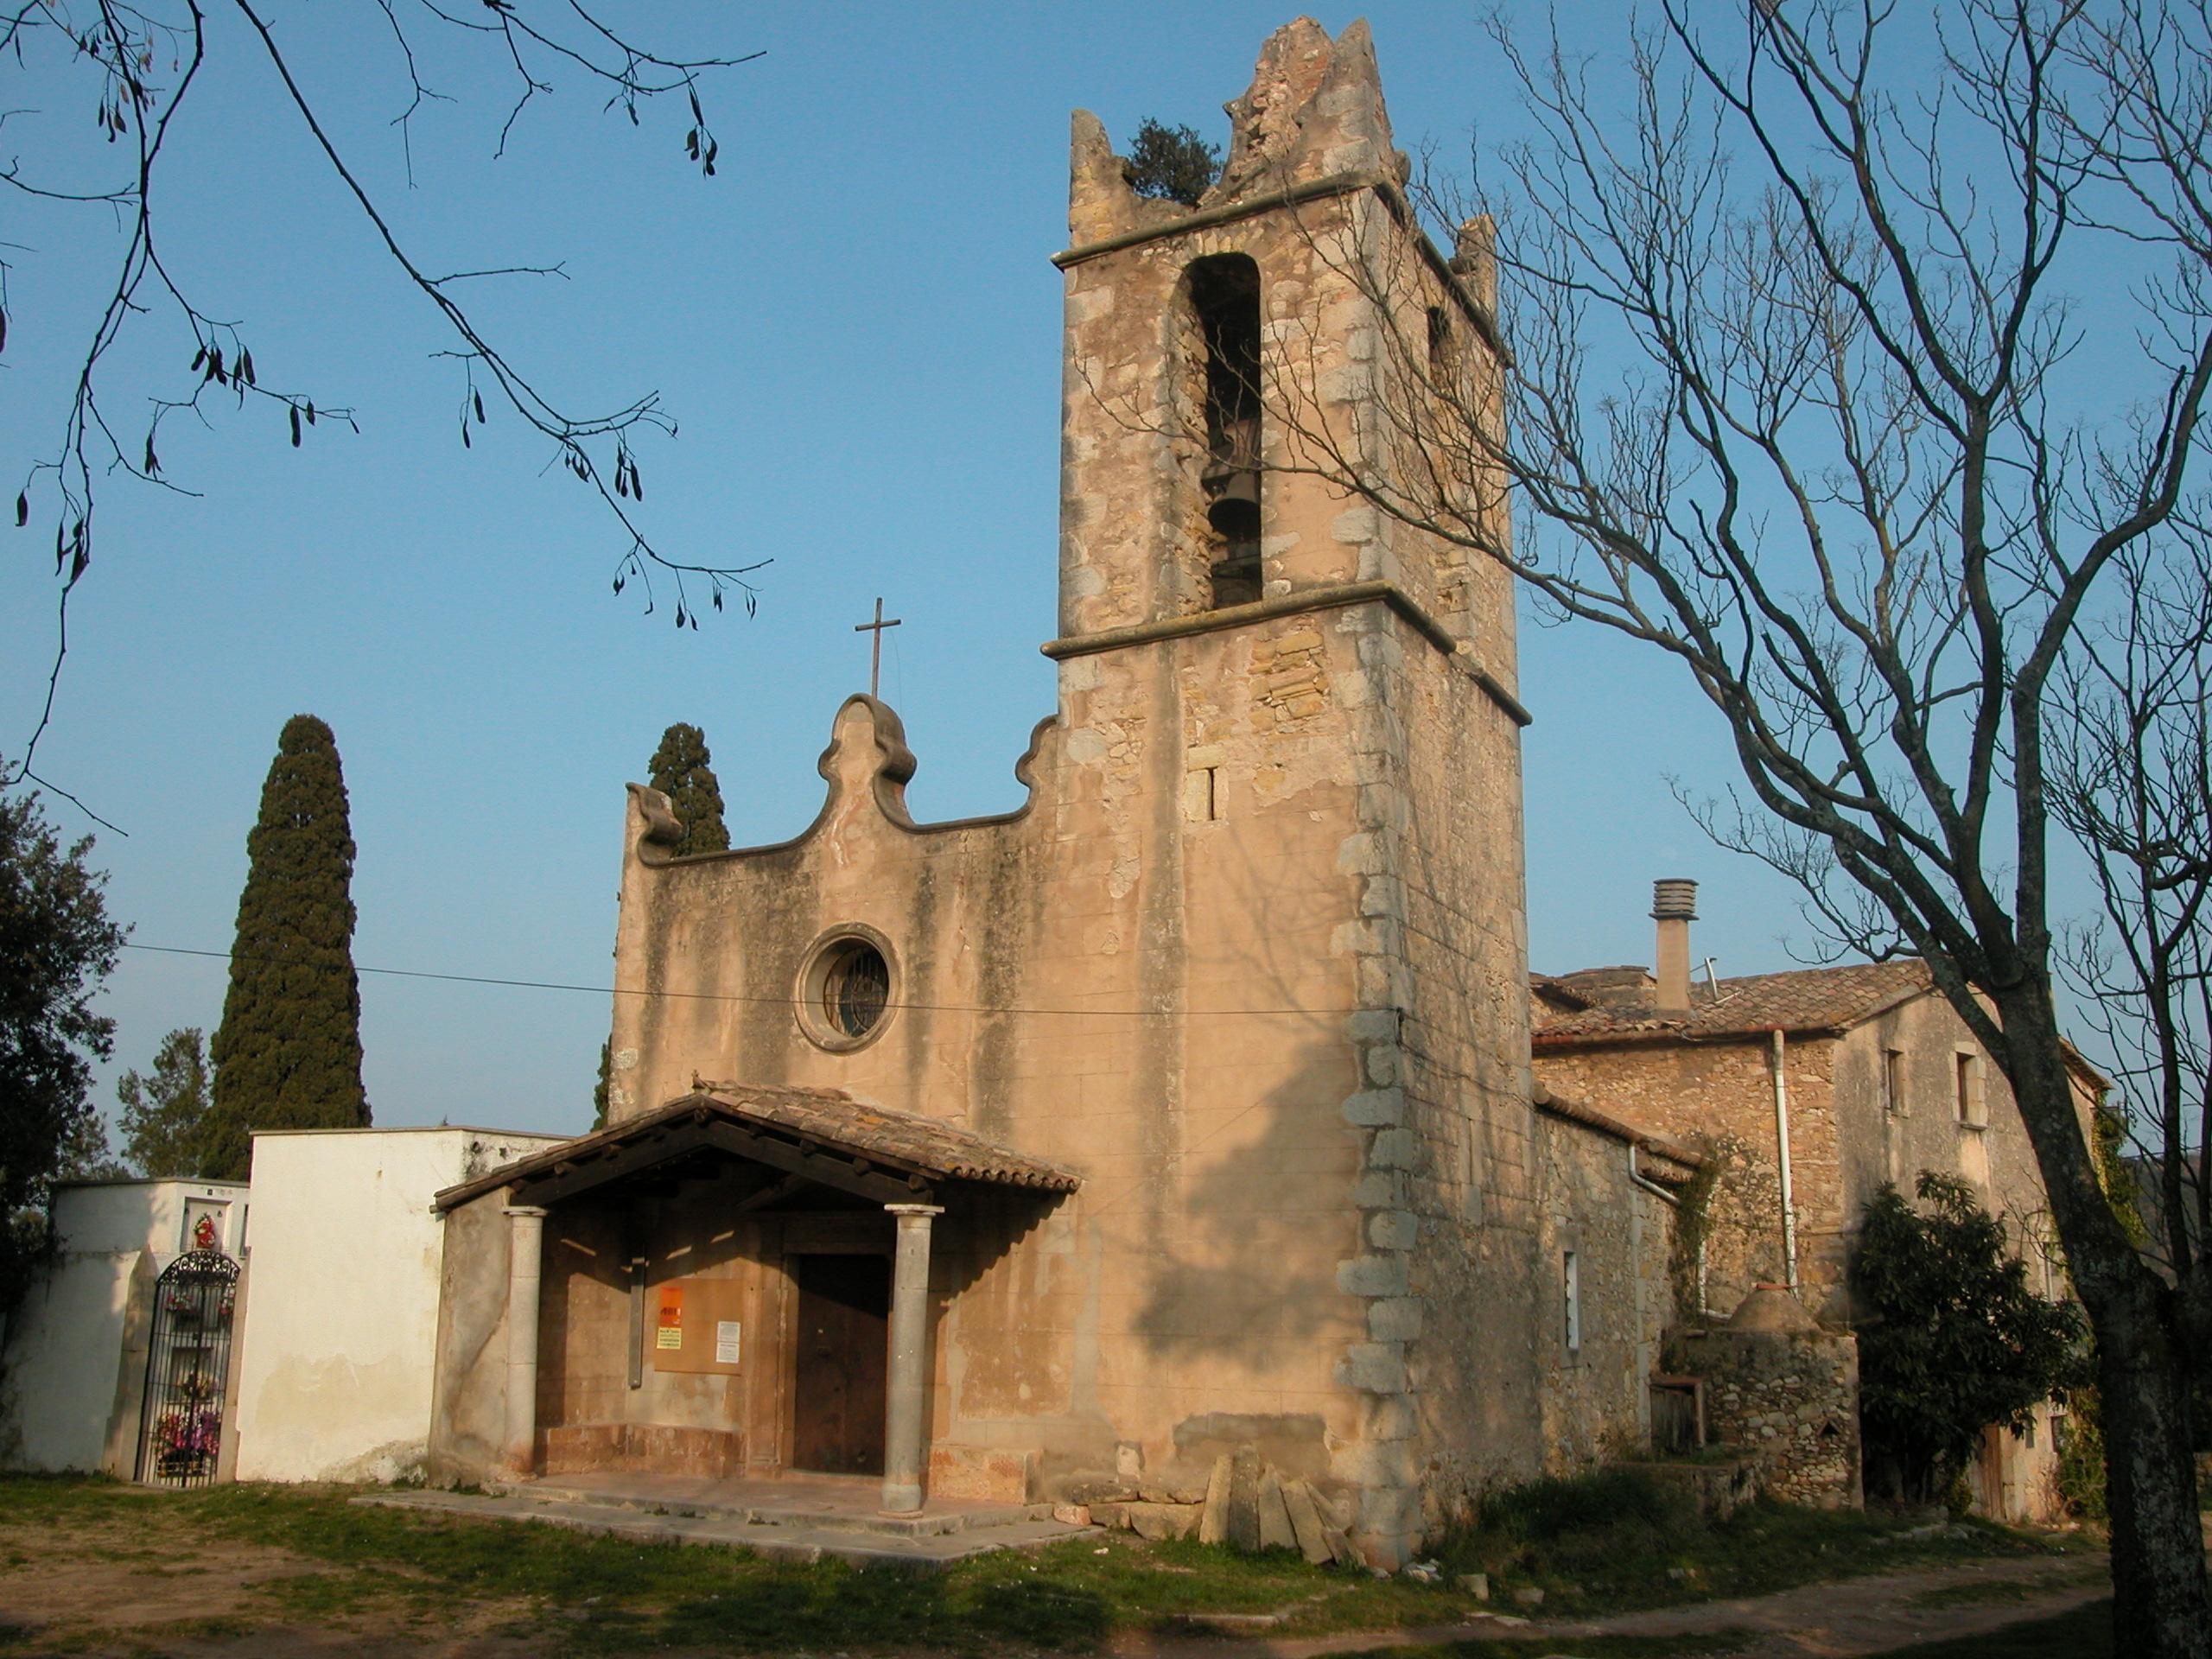 És una església amb el campanar al costat de la façana. A l'altre costat hi trobem el cementiri. I a darrera la rectoria. Originàriament era un edifici romànic que es modificà al segle XVIII.